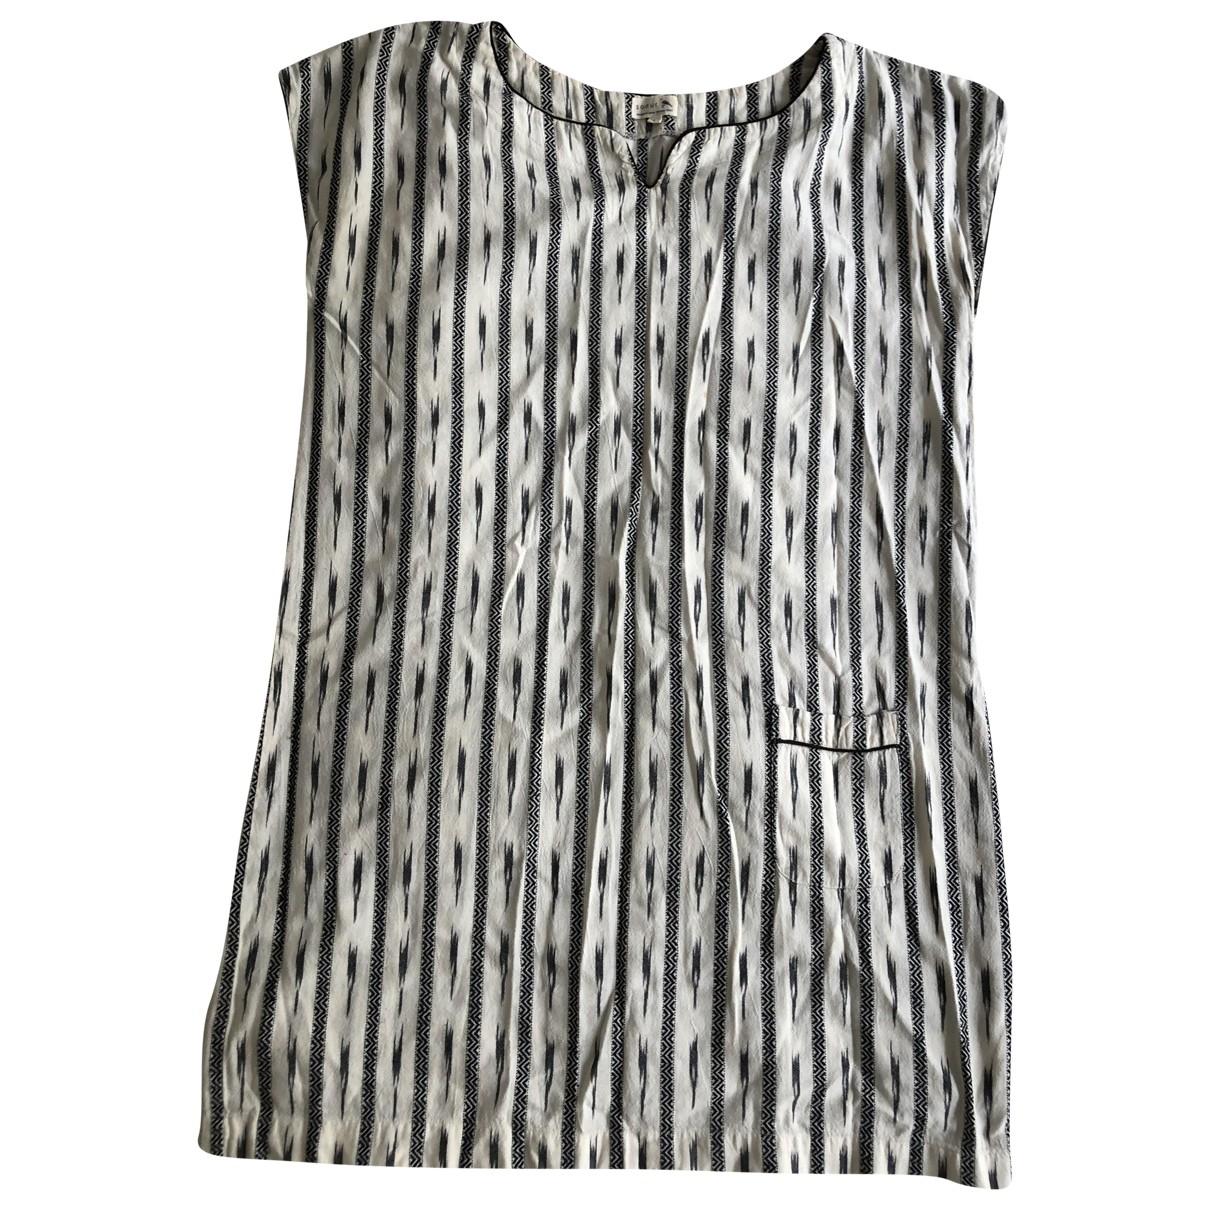 & Stories \N Ecru Cotton dress for Women 40 FR